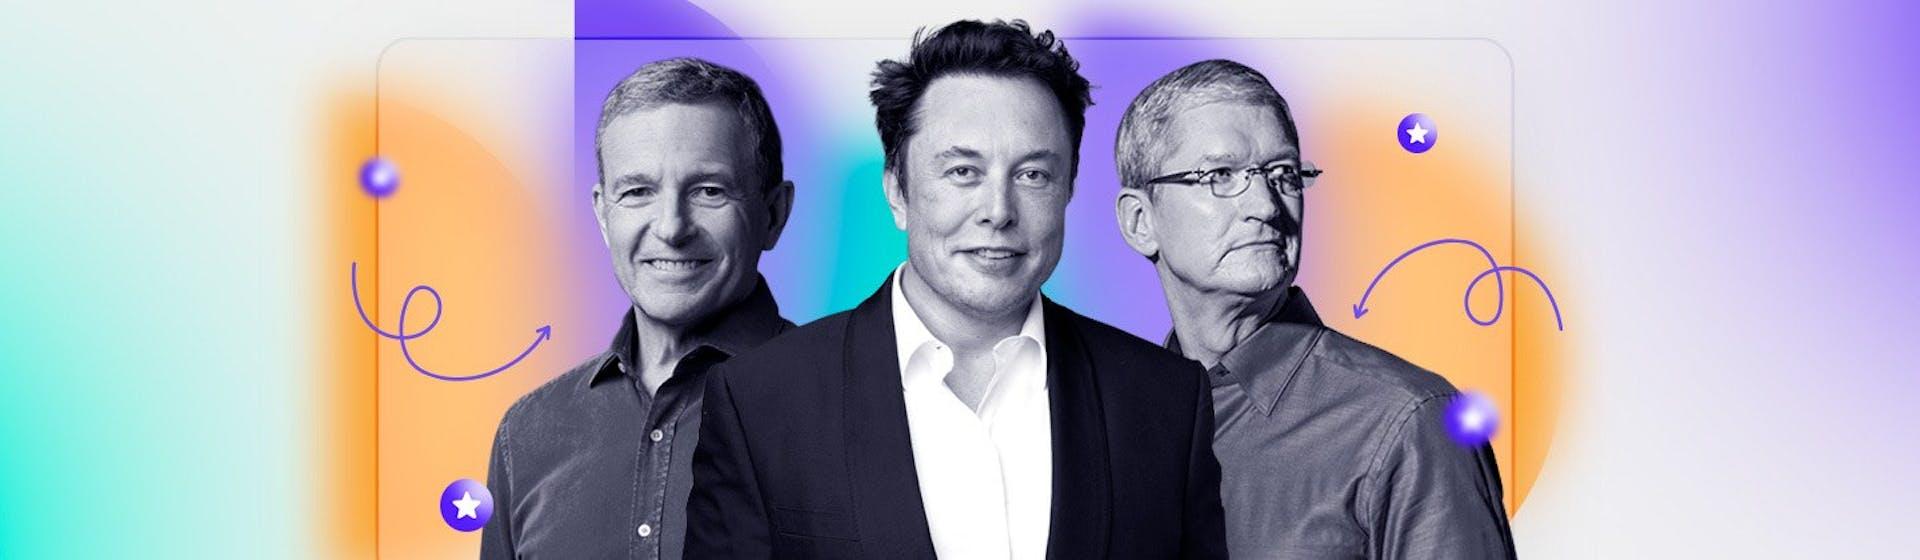 Tipos de liderazgo empresarial. ¿Cómo dirigen sus empresas los CEOs más famosos del mundo?